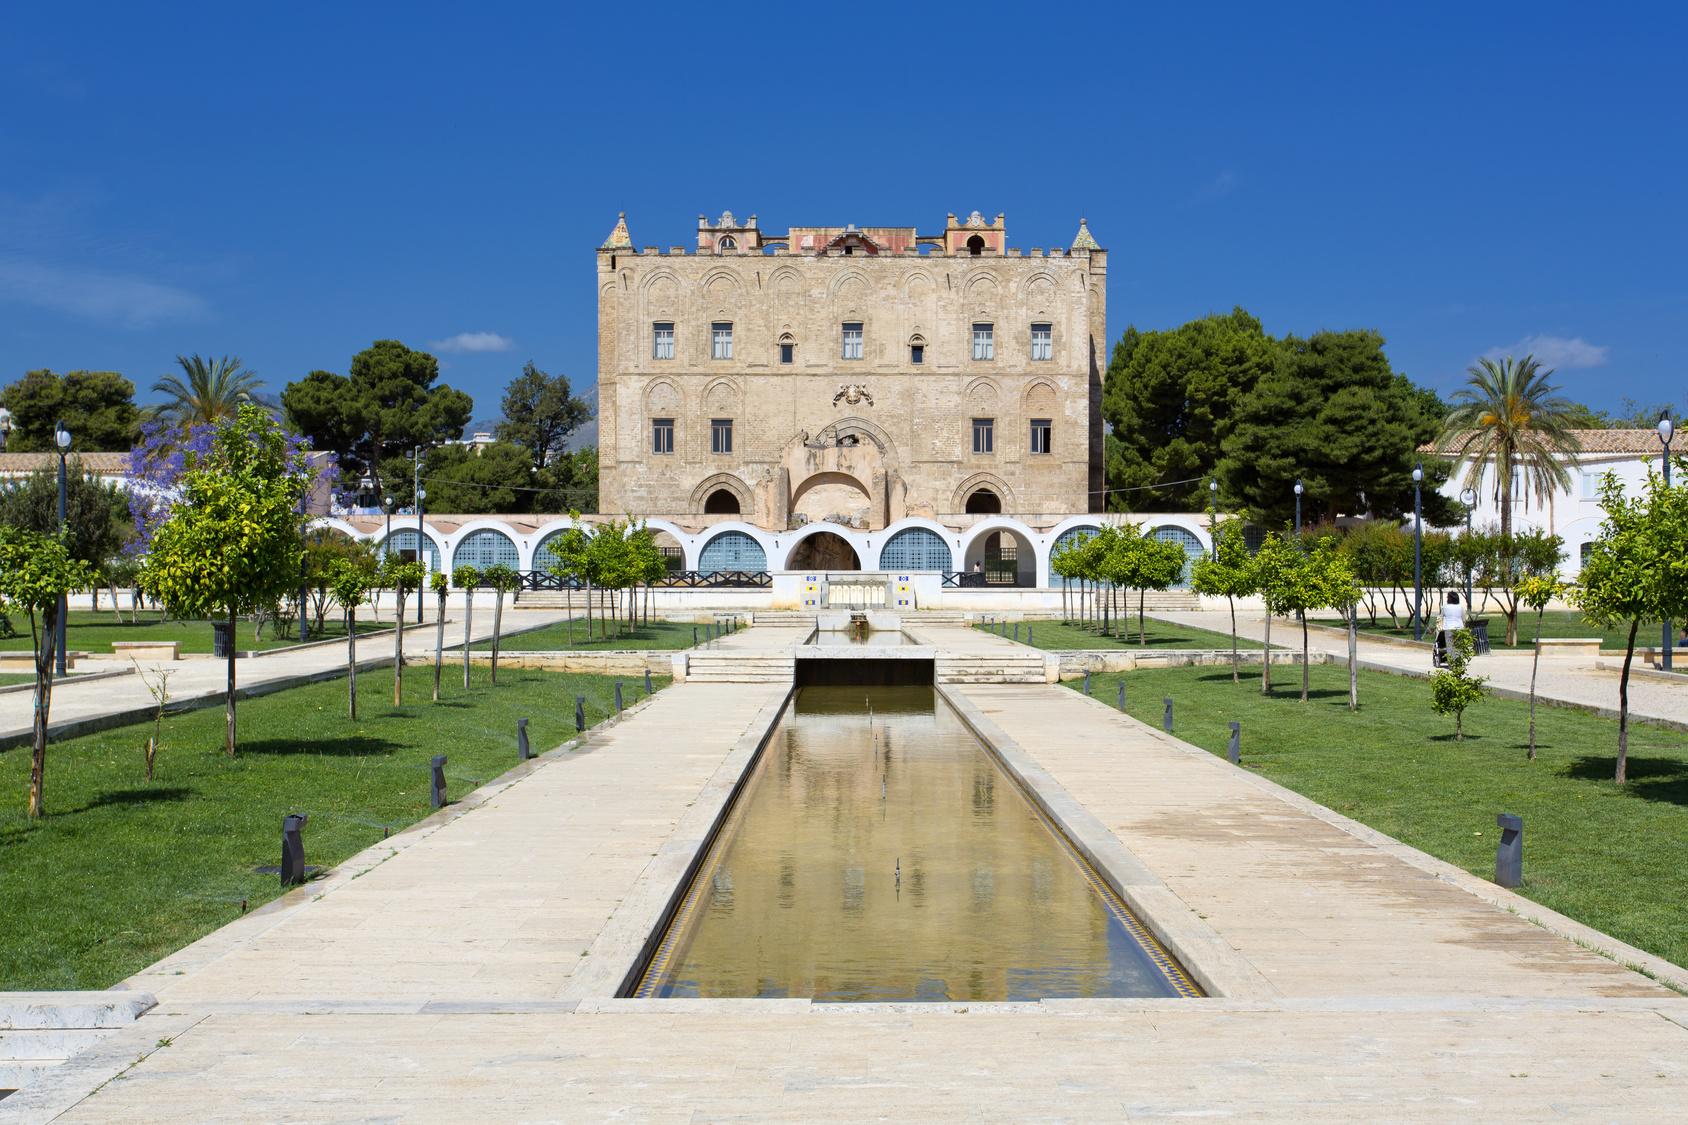 Palermo, Il castello della Zisa